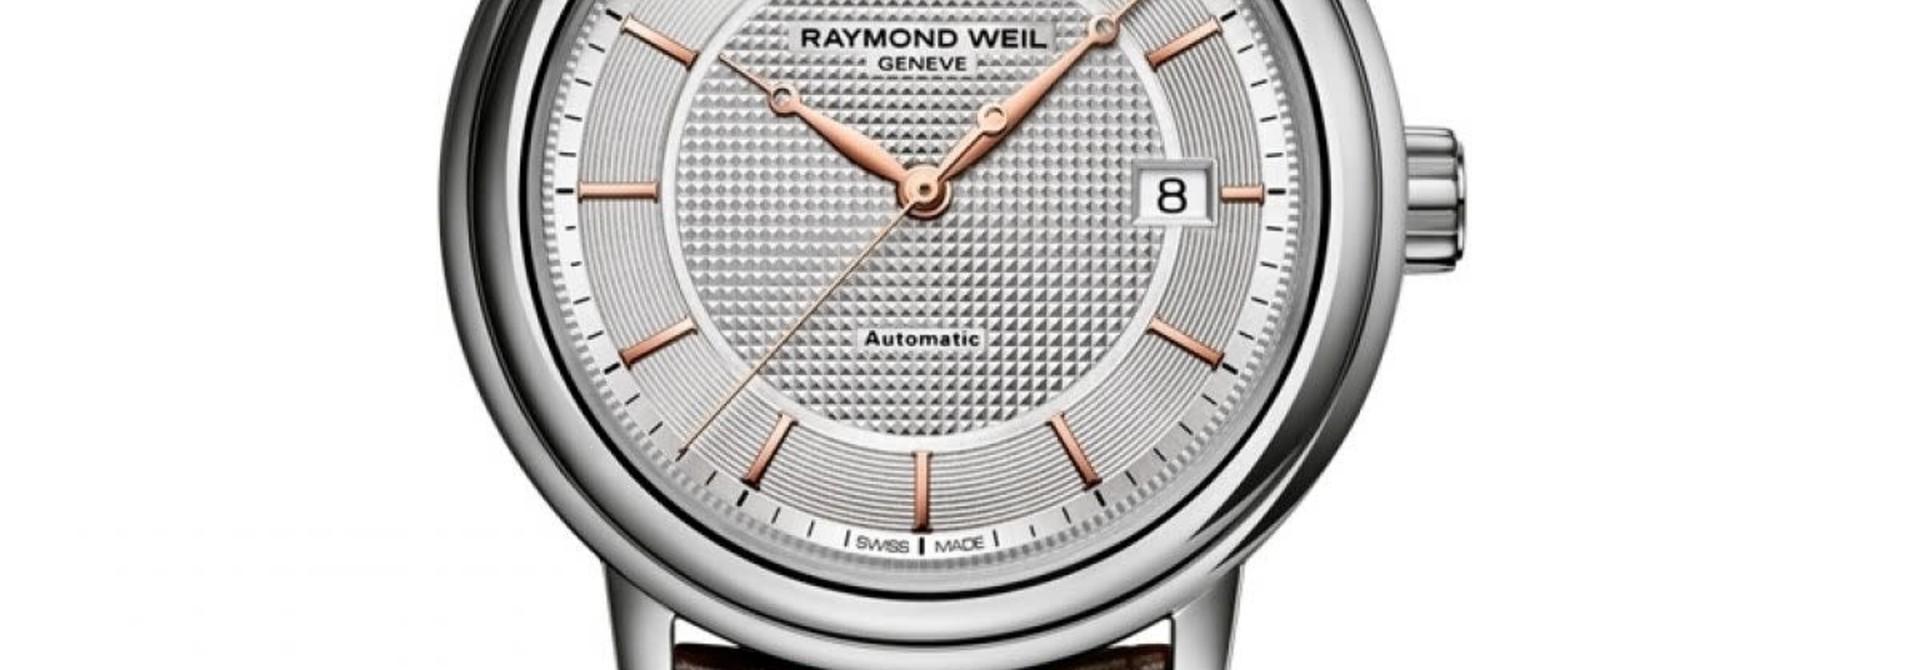 Raymond Weil Maestro 2837 -Sl5-65001.